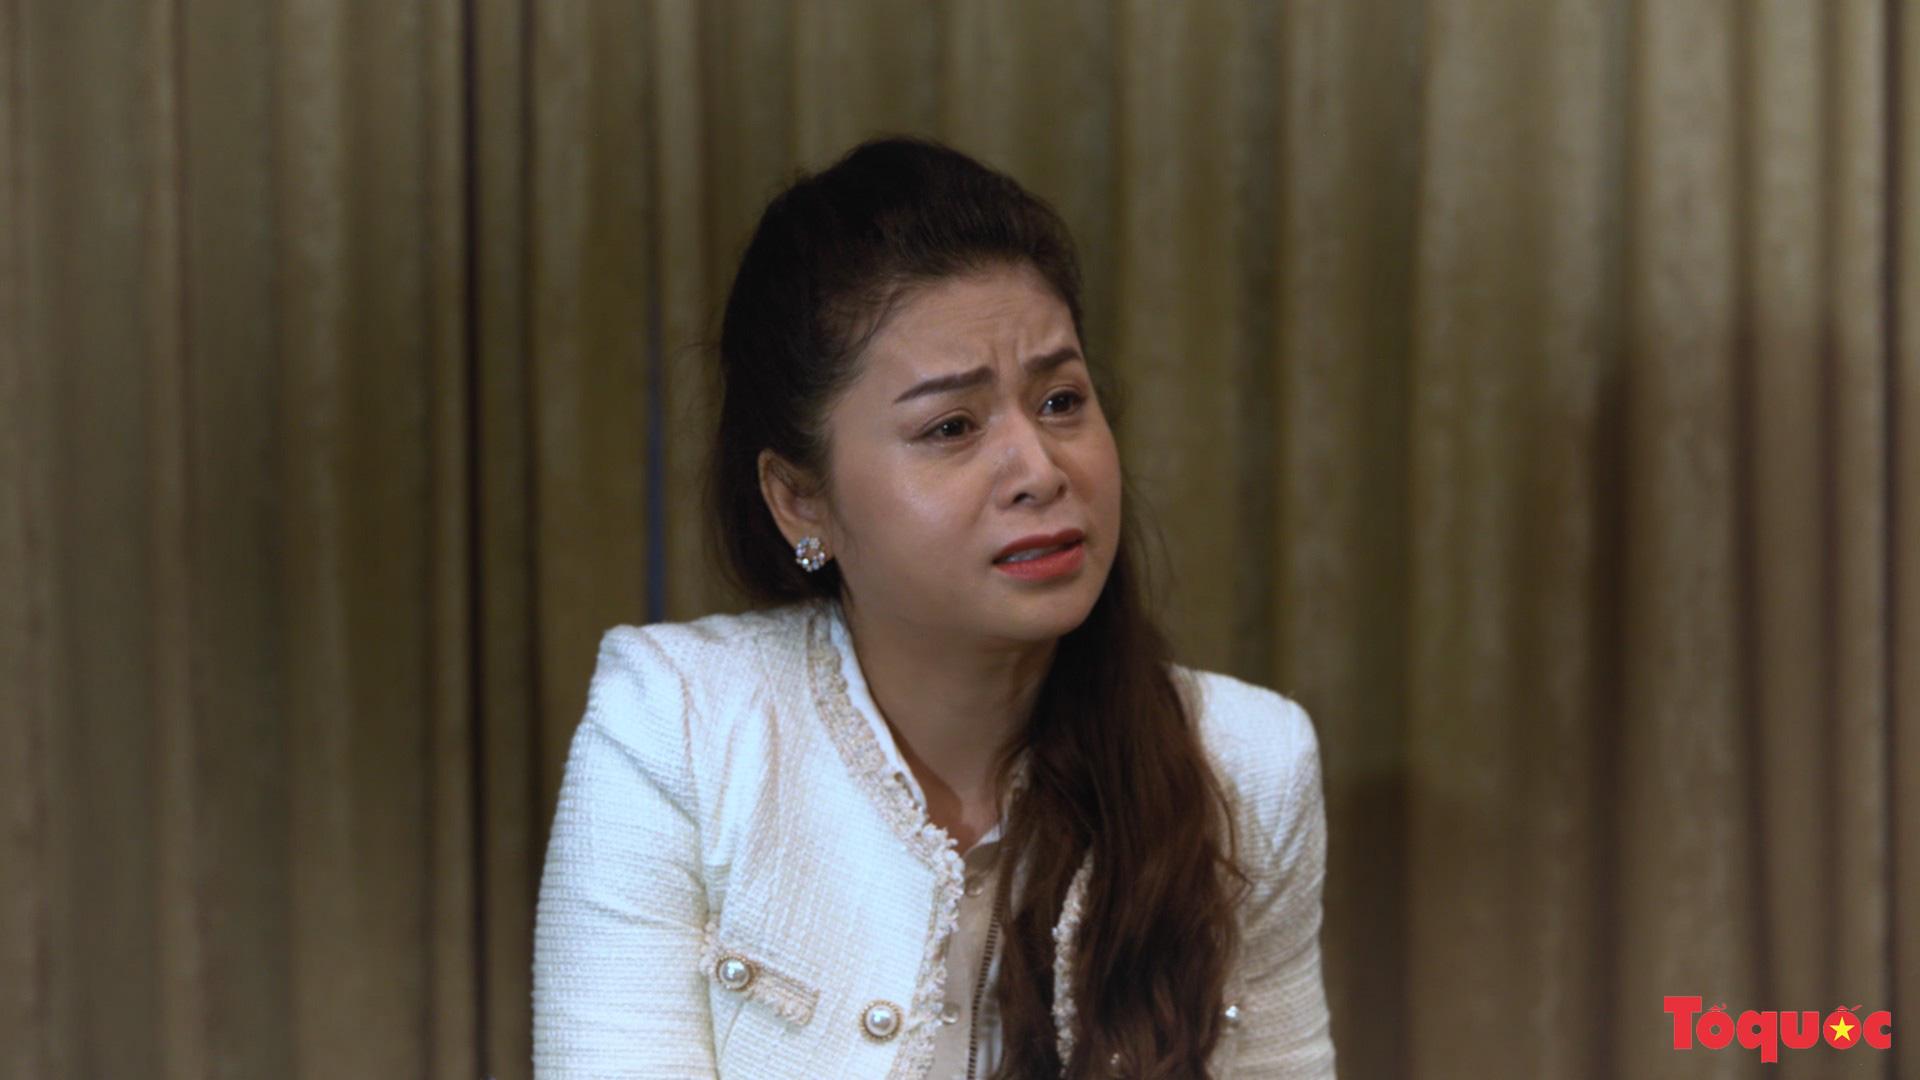 Bà Lê Hoàng Diệp Thảo: Tôi không muốn ly hôn - Ảnh 2.